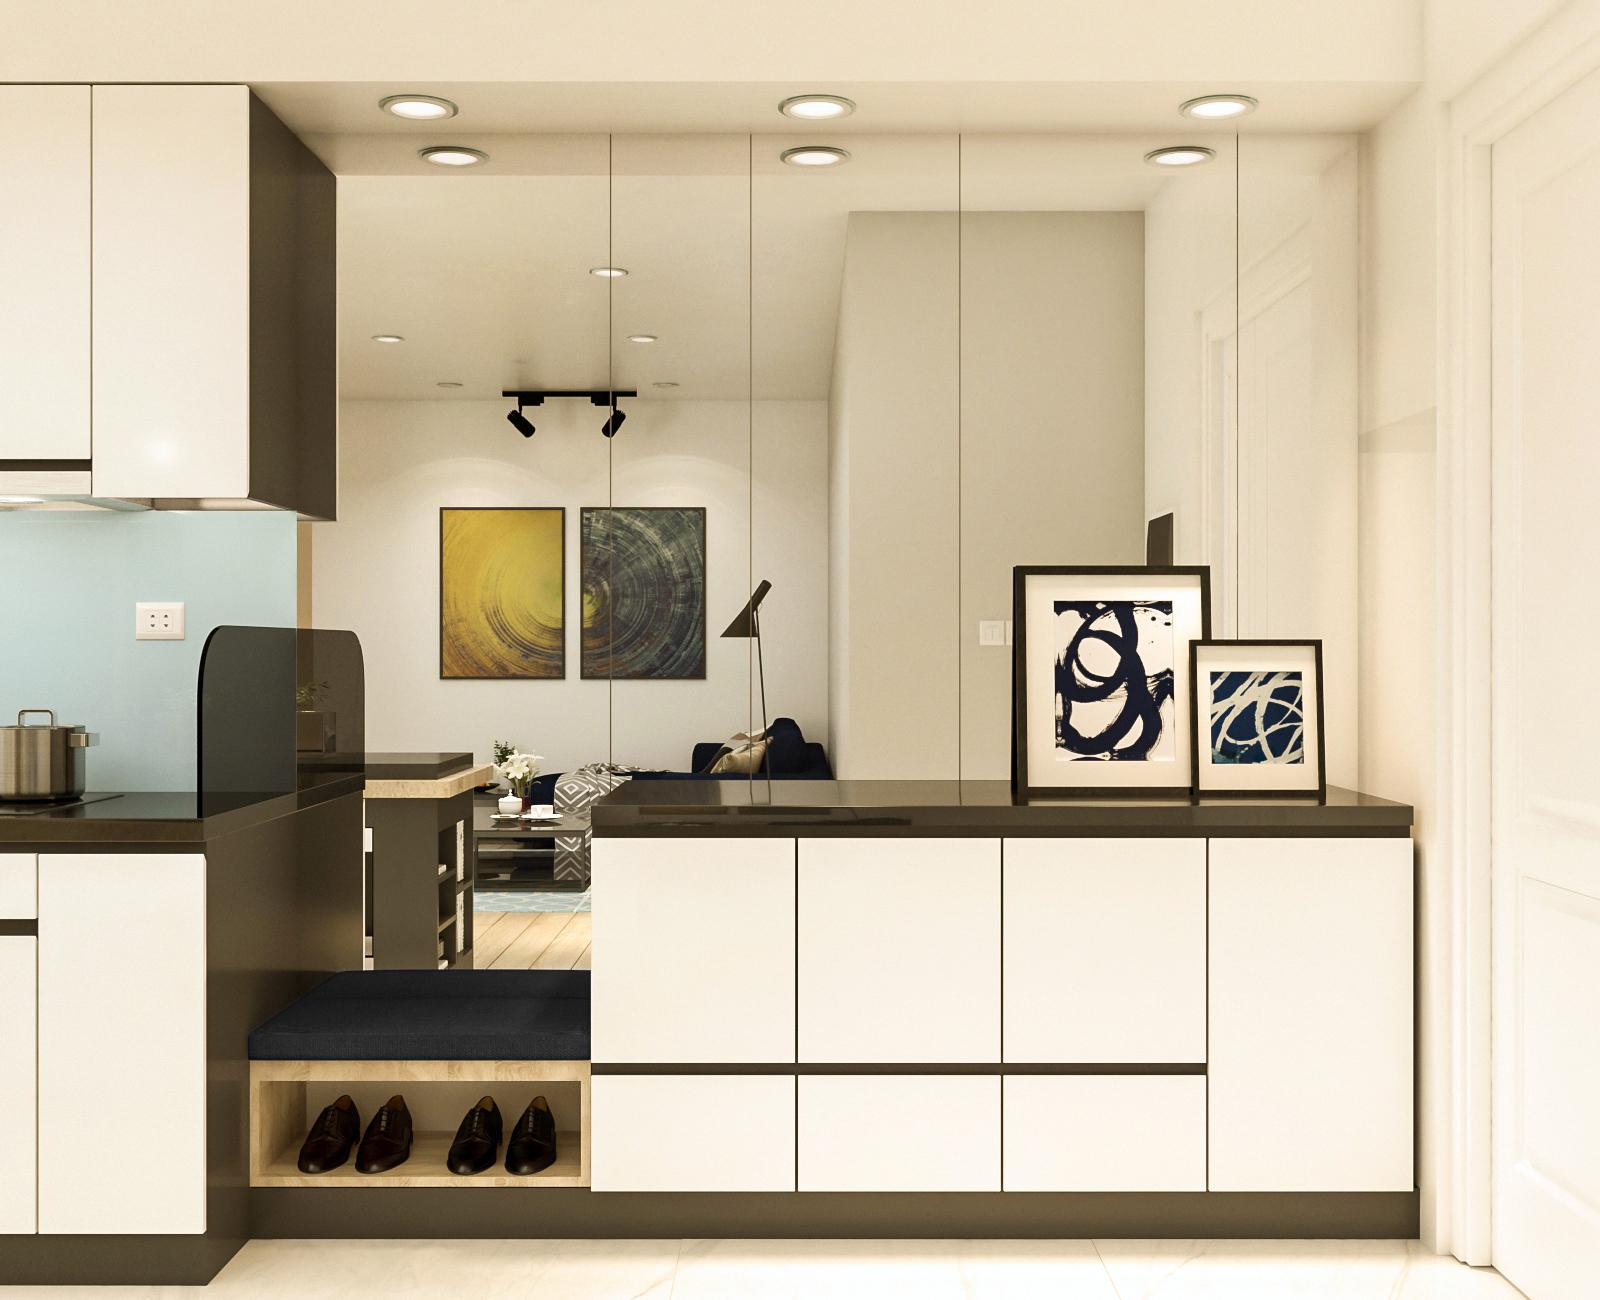 Tư vấn thiết kế cải tạo căn hộ chung cư diện tích 79m² với tổng chi phí 140 triệu đồng - Ảnh 4.